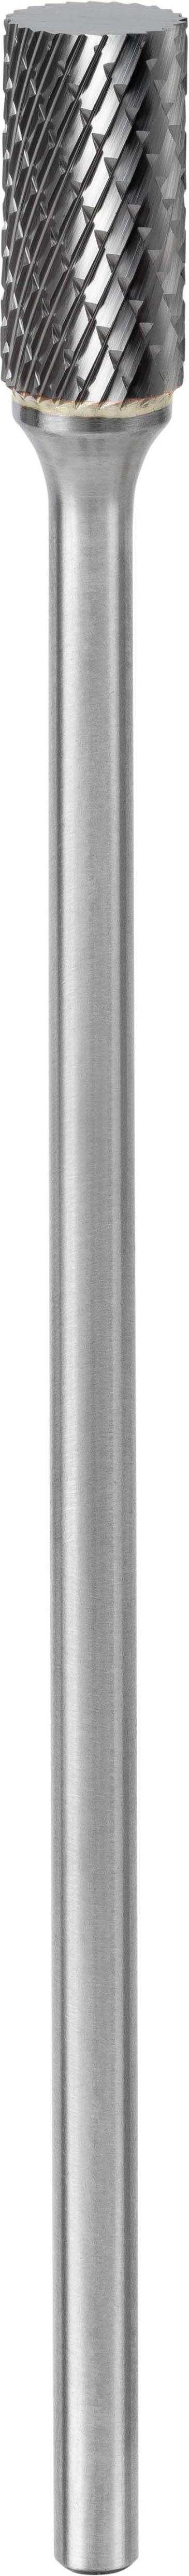 procut Hartmetallfrässtift - lange Ausführung